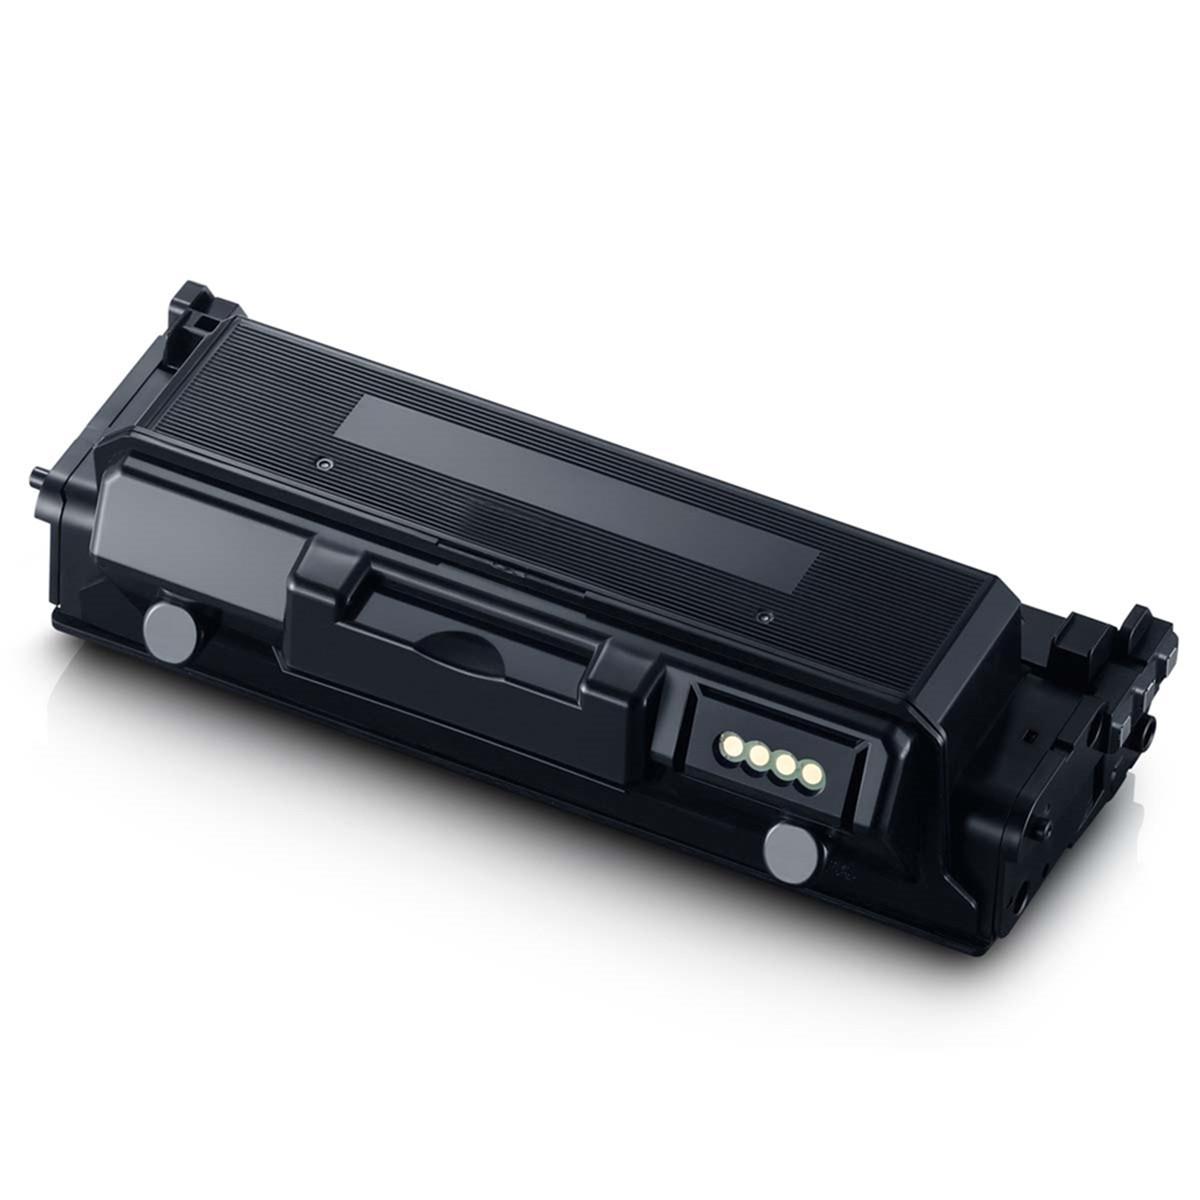 Toner Compatível com Samsung D204 MLT-D204S | M3825 M4025 M3325 M3875 M3375 M4075 | Premium 5k